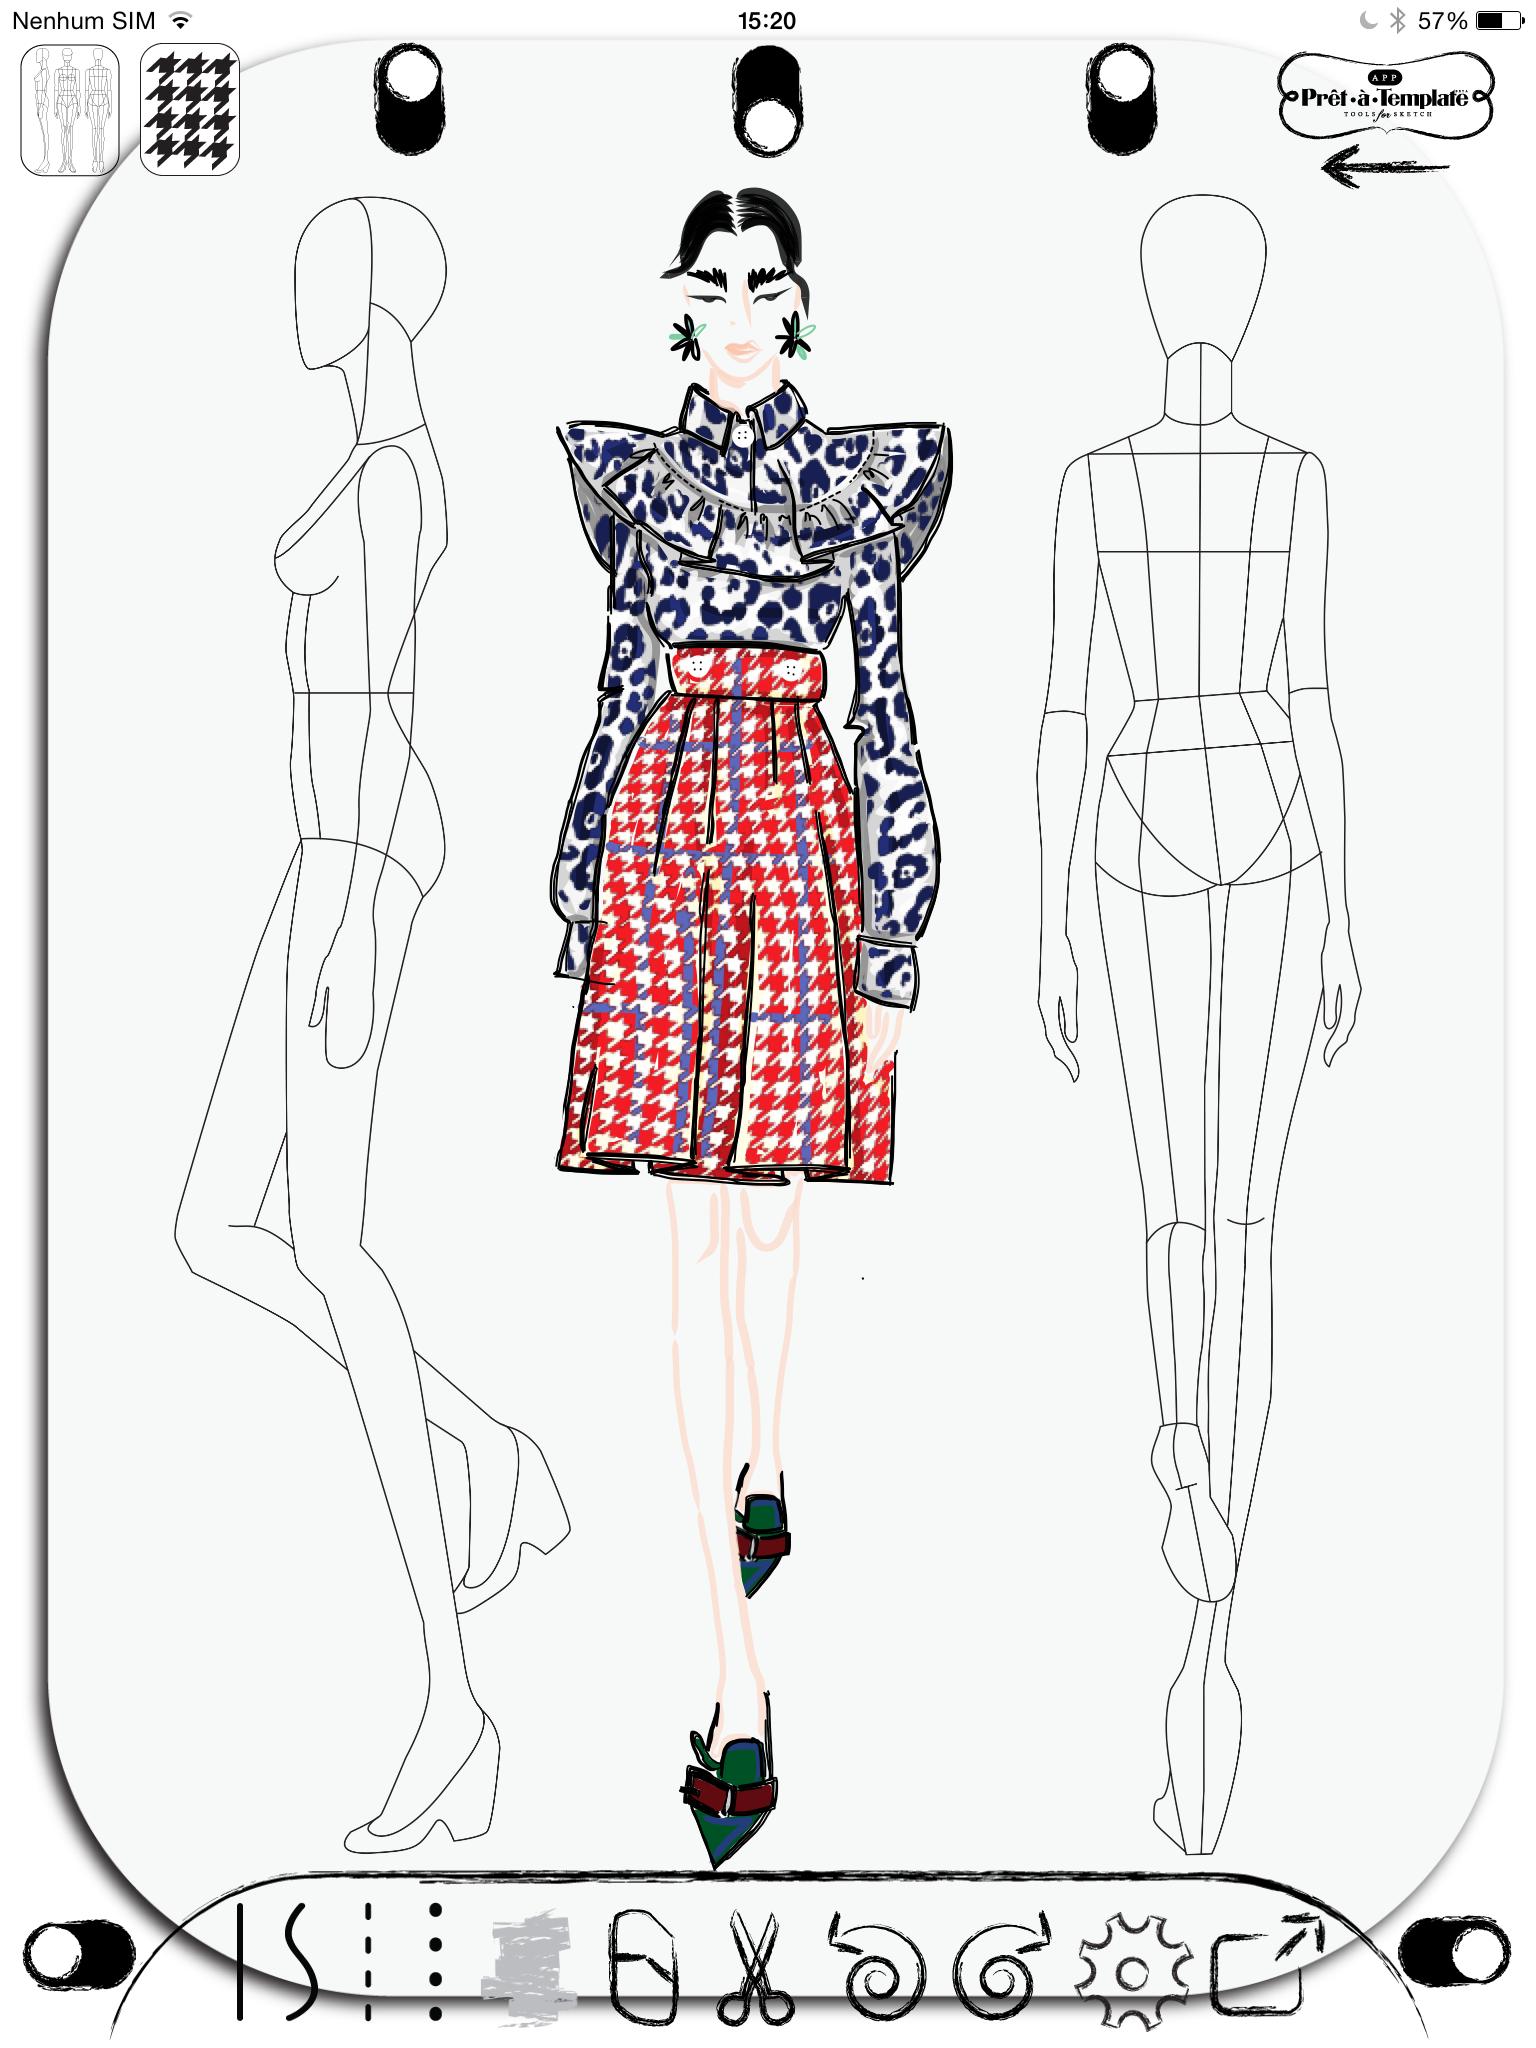 Miu Miu Fall 2015 Prêt-à-Porter made with Prêt à Template App (www ...